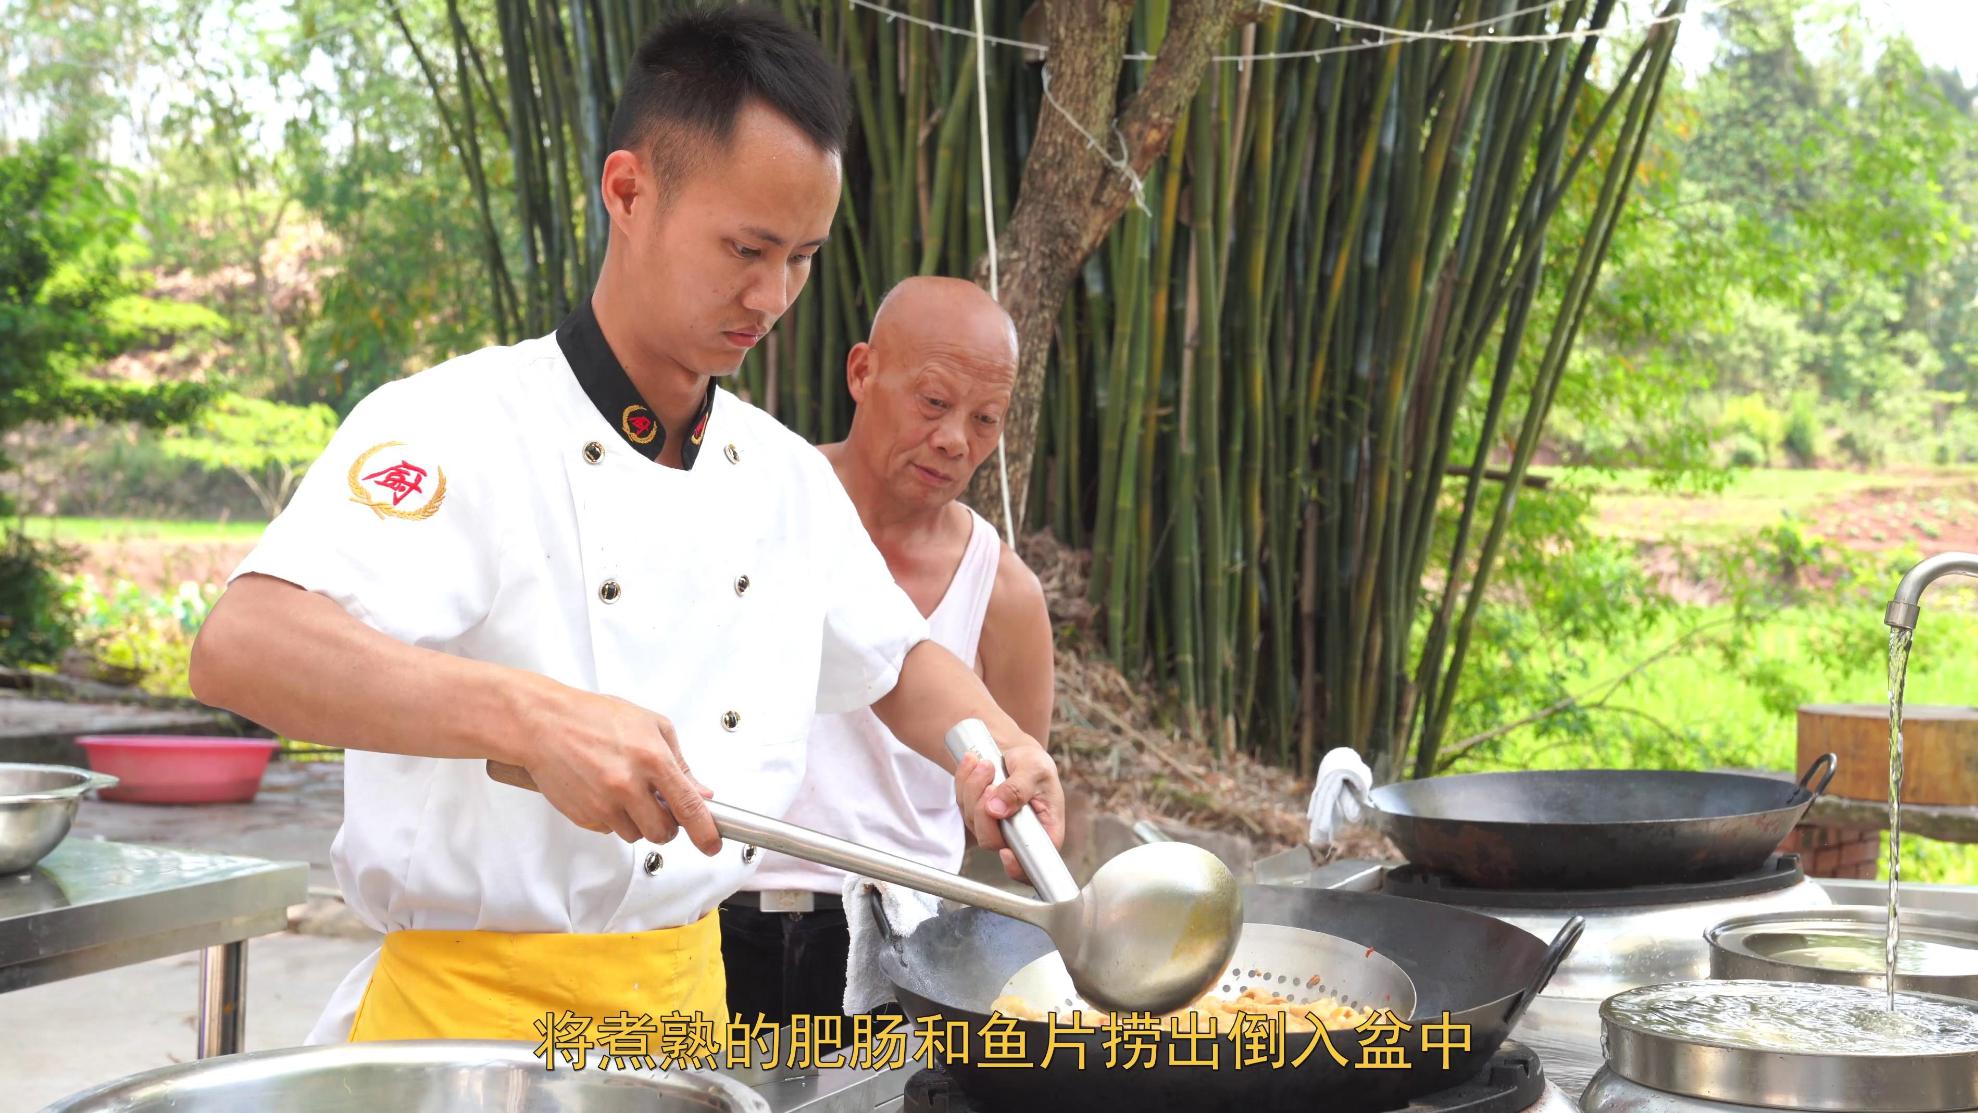 """厨师长分享:""""肥肠鱼""""的家常做法,鱼和肥肠的美味兼得,味道赞"""